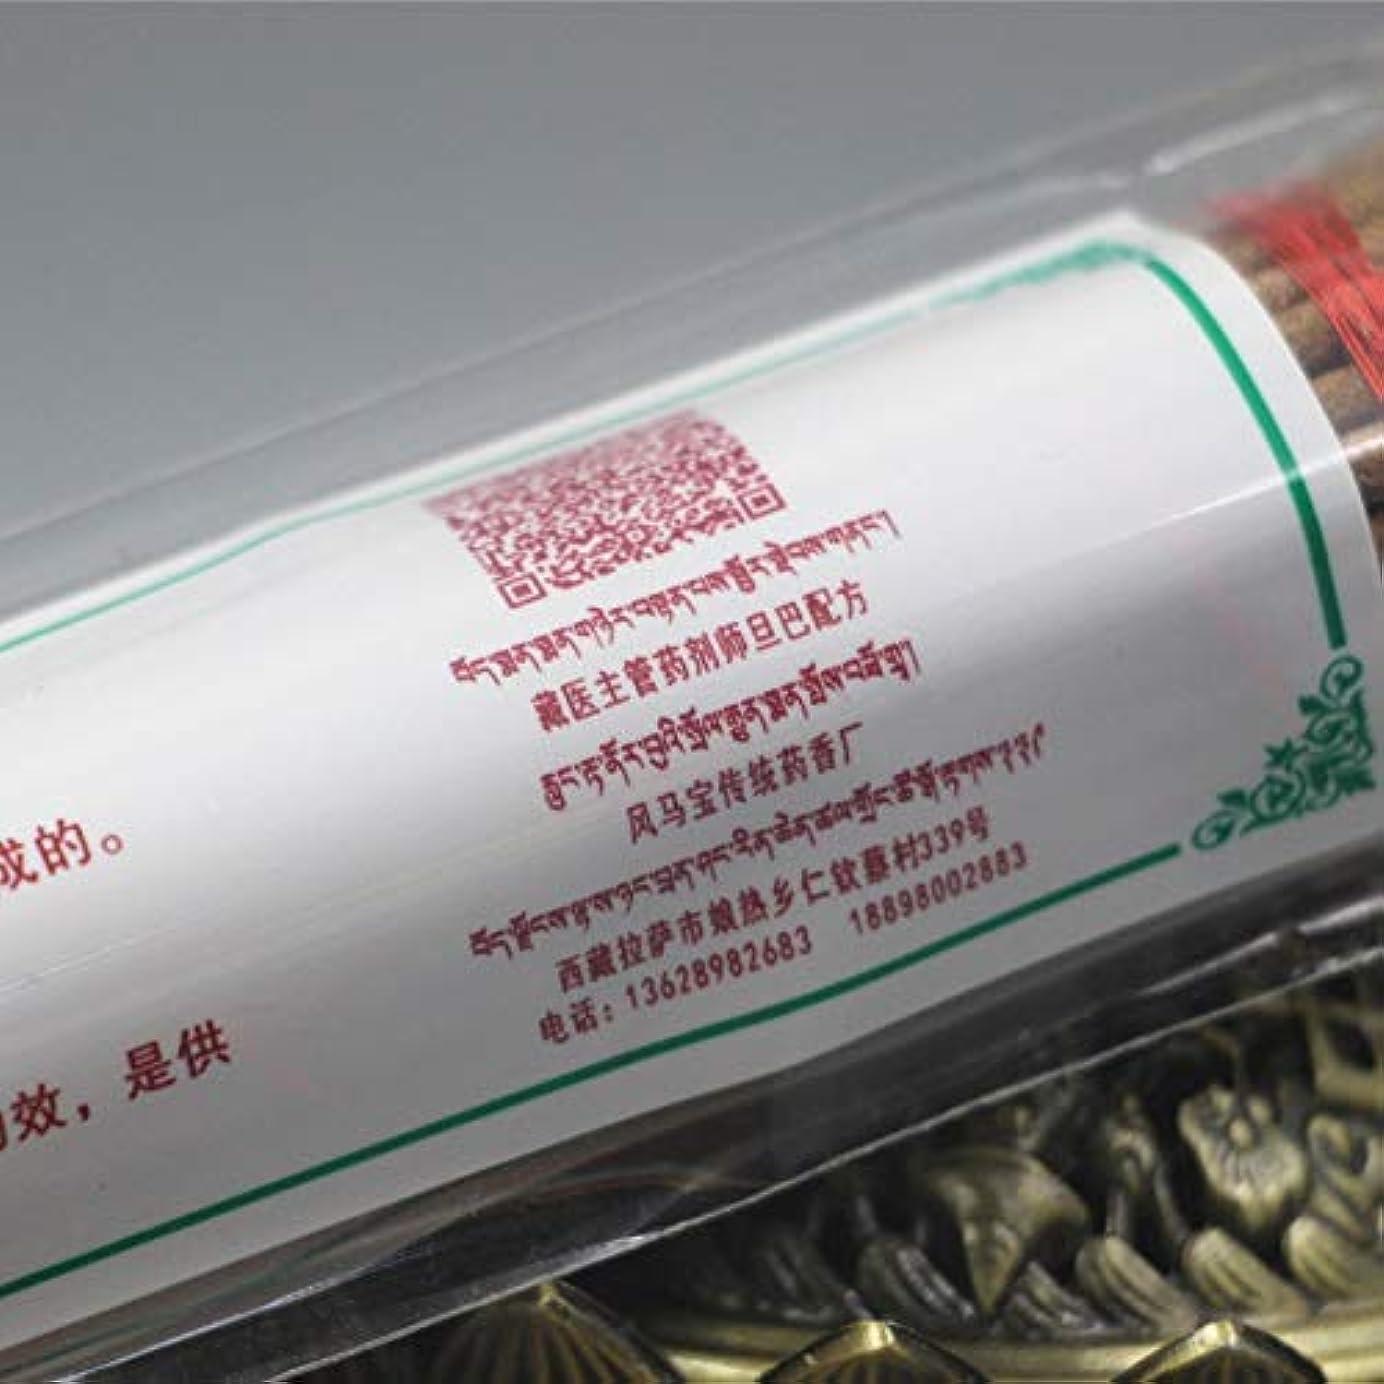 喉が渇いた許される嵐Diatems - 沈香の宝物チベットのお香チベット手作りの純粋な植物自然医学の香りの家の38人のフレーバーがスリープアロマ香の助けを落ち着かせます